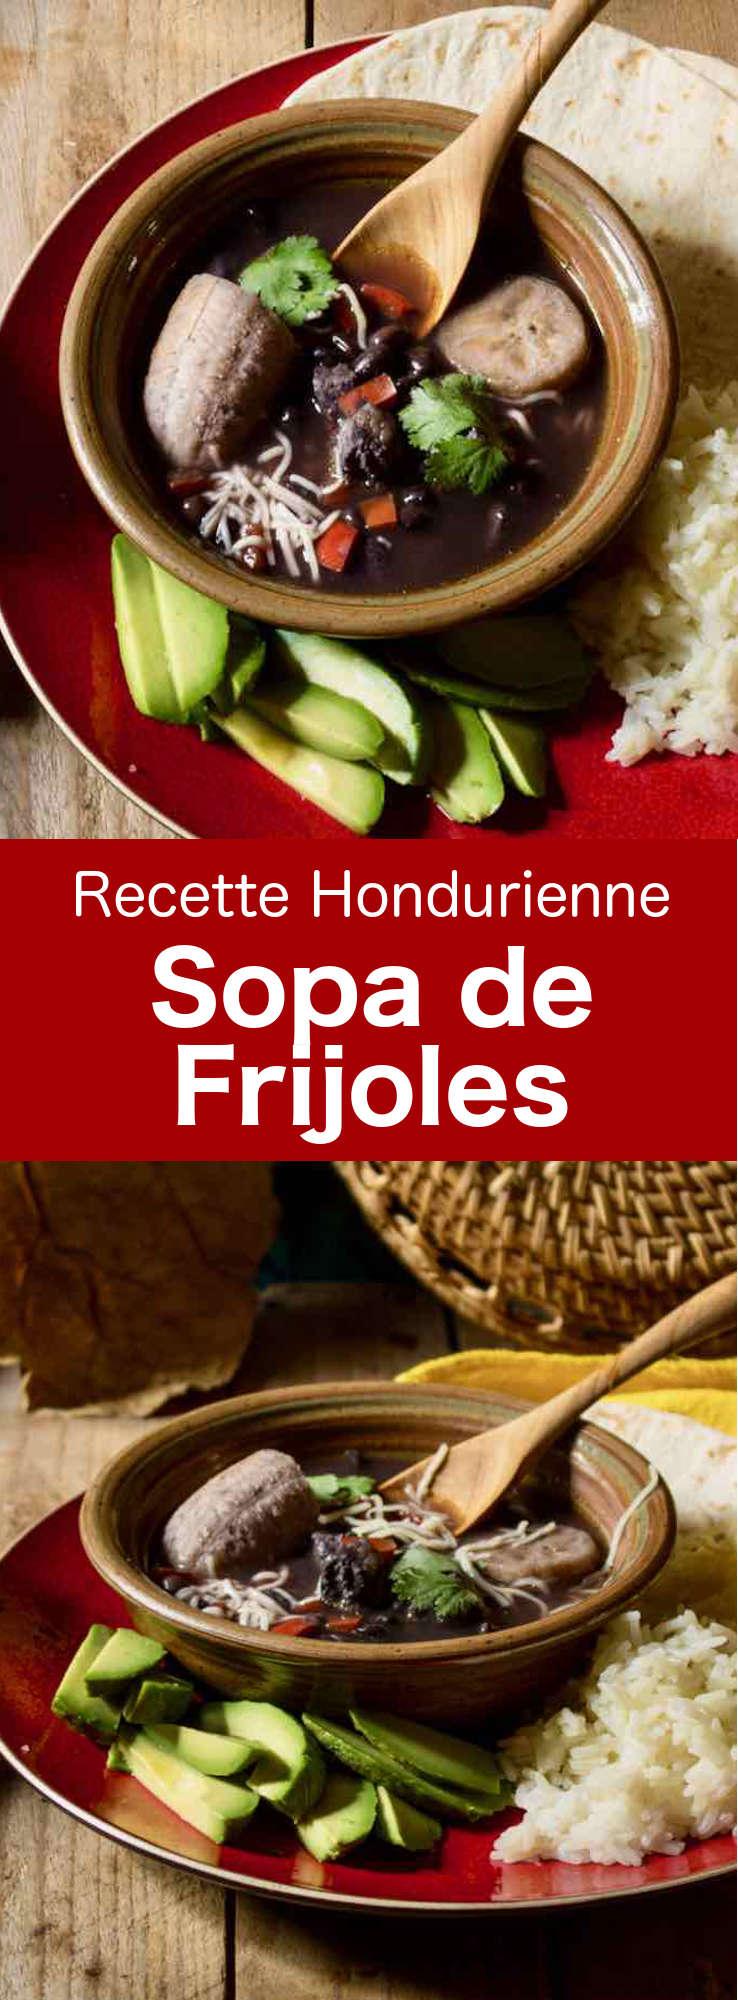 La sopa de frijoles est une soupe de haricots noirs traditionnelle hondurienne, qui est souvent préparée avec de la couenne ou des côtes levées de porc. #Honduras #CuisineHonduras #CuisineHondurienne #AmeriqueCentrale #CuisineDuMonde #196flavors